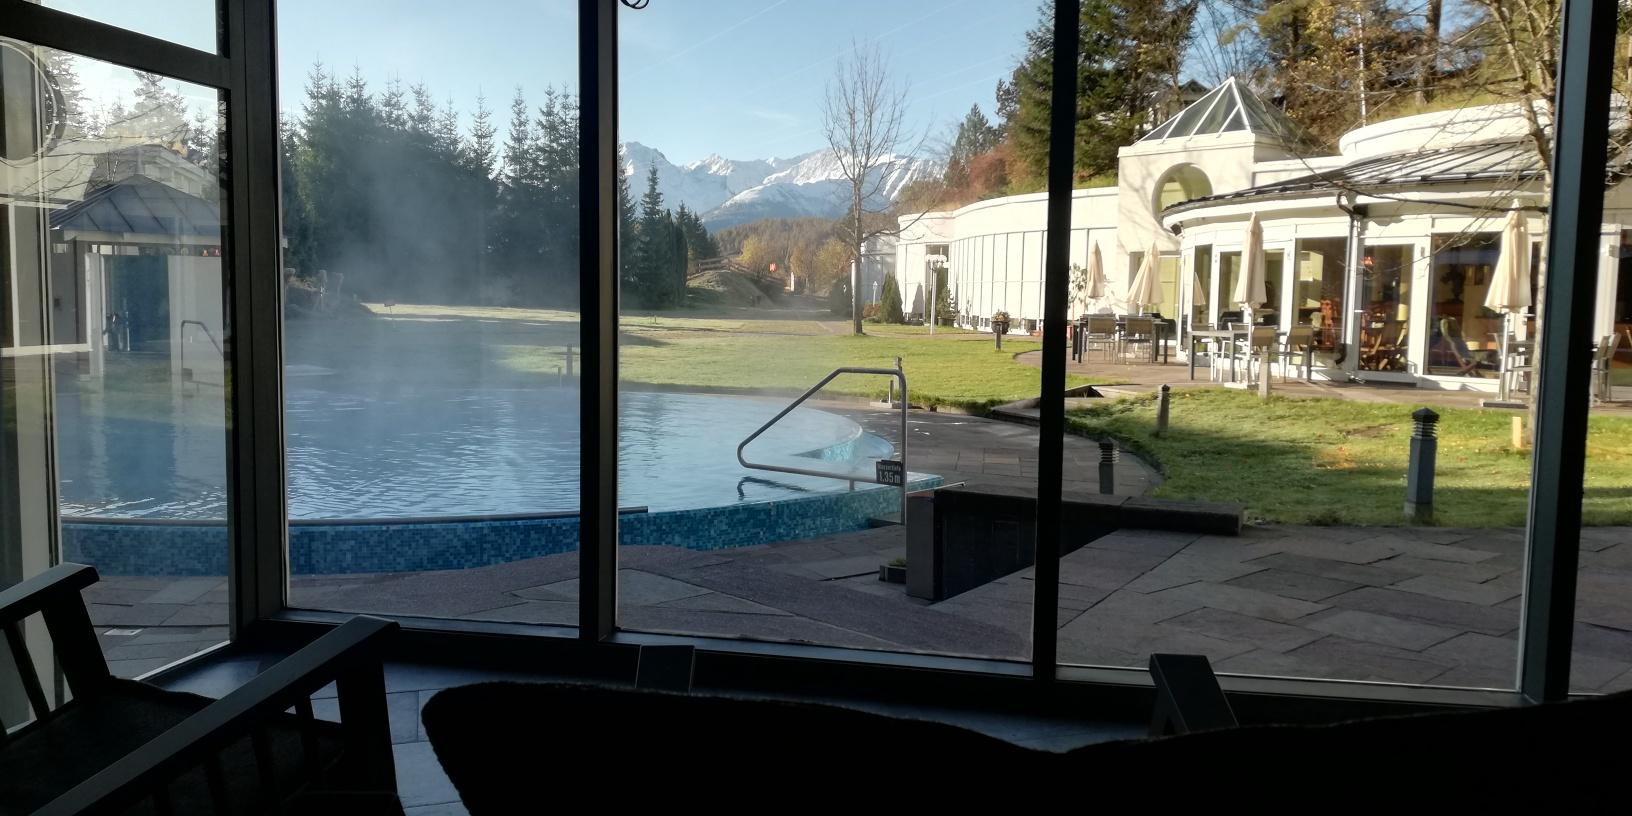 (c)be-outdoor.de - Krumers Alpin - Your Mountain Oasis